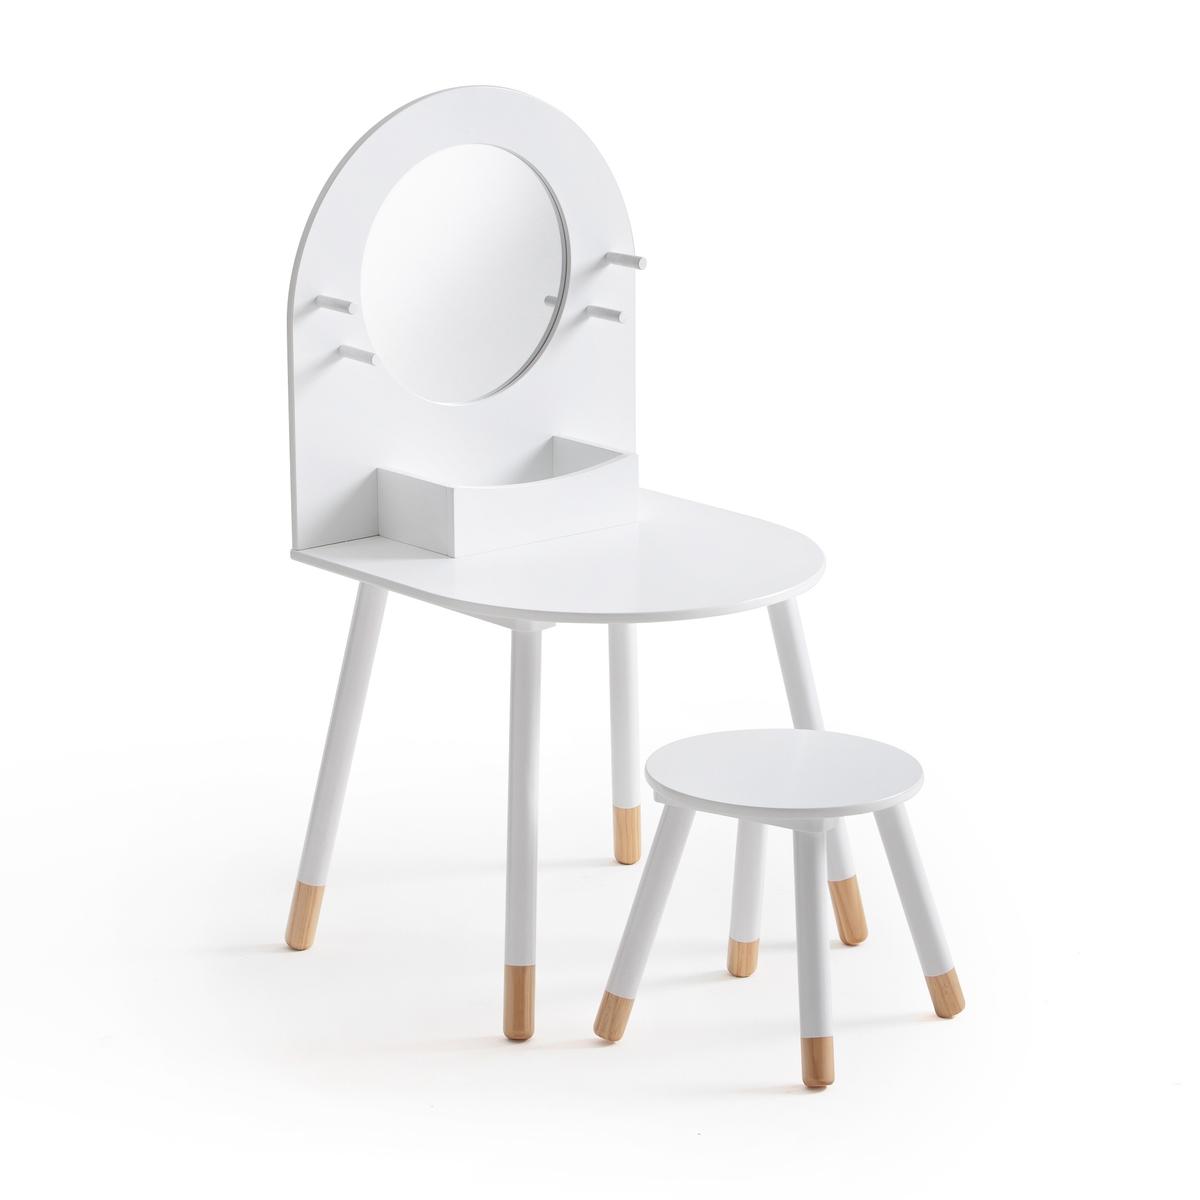 Стол туалетный и табурет детские, JIMIОписание:Детские туалетный стол и табурет JIMI. Великолепный комплект для маленьких кокеток.Характеристики туалетного стола JIMI : Ножки из массива сосны, МДФ с лаковым покрытием, отделка нитроцеллюлозным лаком. 1 круглое зеркало, 1 ниша для храненияХарактеристики табурета JIMI :Ножки из массива сосны. Круглое сиденье из МДФ с лаковым покрытием, отделка нитроцеллюлозным лакомРазмеры :Общие :Ширина : 50 см Глубина: 50 см Высота: 97 см (Высота столешницы: 47 см) Зеркало : Диаметр 30 см Полезные размеры:Ниша: 24 x 12,5 x 6,5 смРазмеры табурета:Диаметр : 30 см (сиденье) Высота: 29,6 смРазмеры и вес упаковки:1 коробка 60,5 x 56 x 12,2 см 8,2 кгДоставка :Туалетный стол и табурет Jimi продаются в разобранном виде. Возможна доставка до квартиры по предварительному согласованию!Внимание ! Убедитесь, что посылку возможно доставить на дом, учитывая ее габариты.<br><br>Цвет: белый